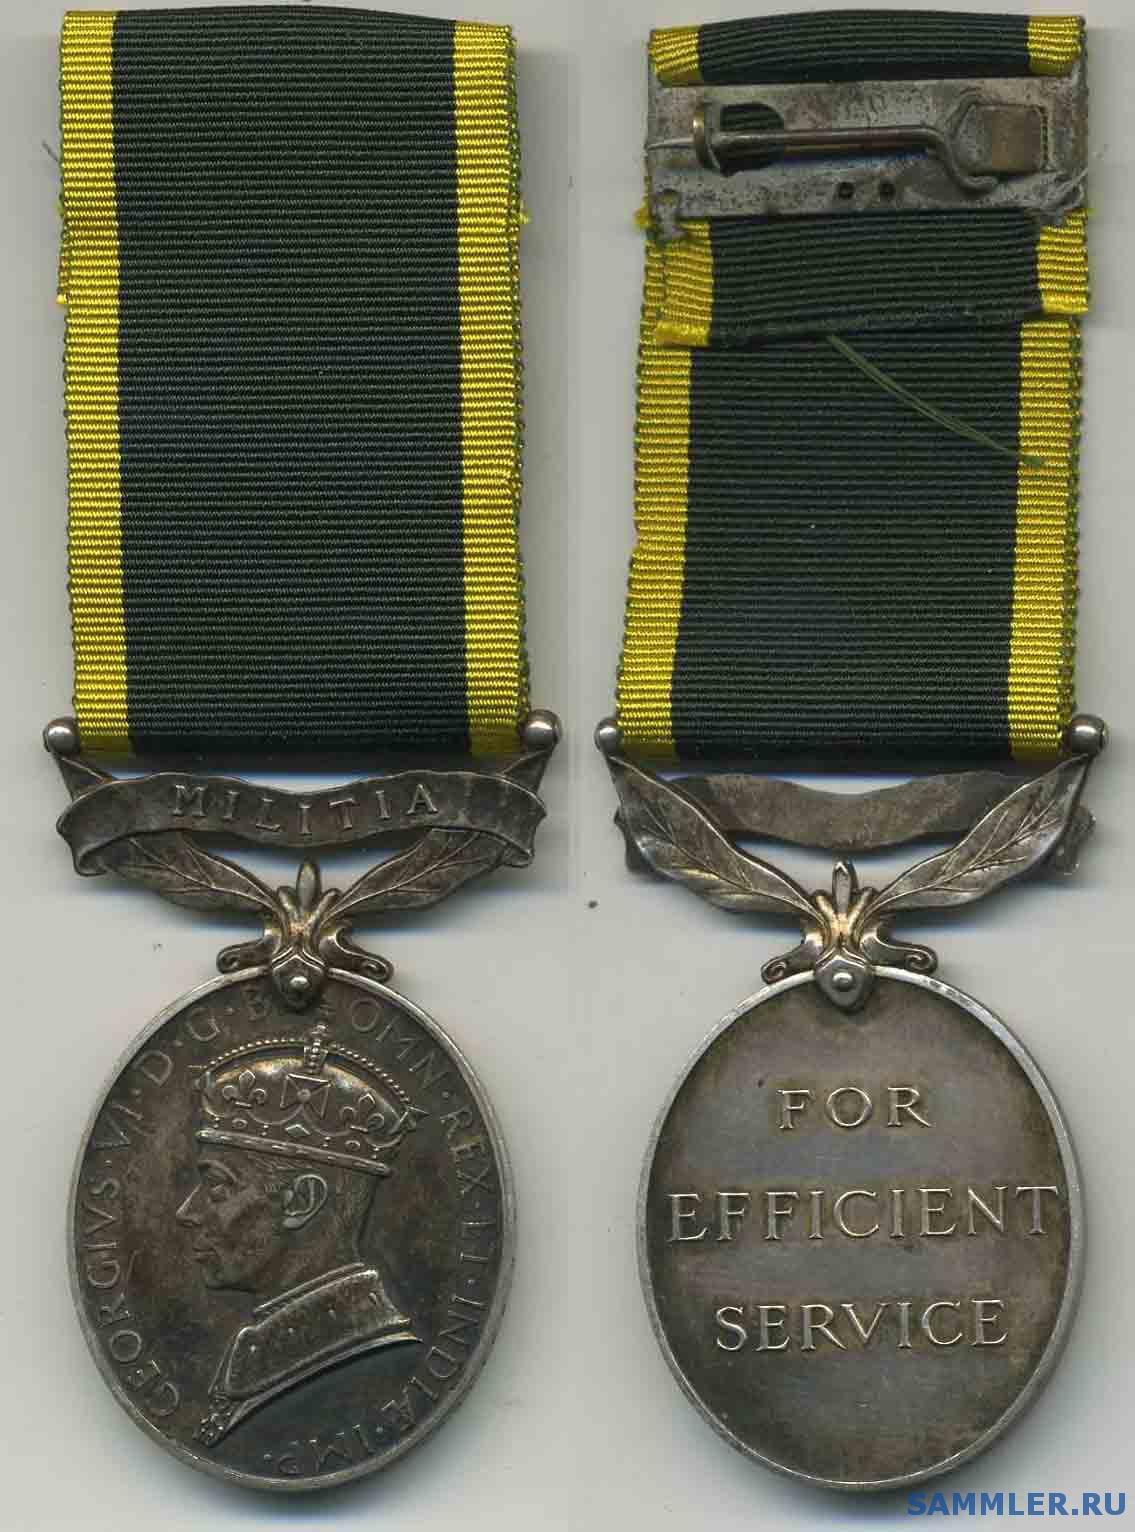 Efficiency_Medal_Militia_G_VI_.jpg